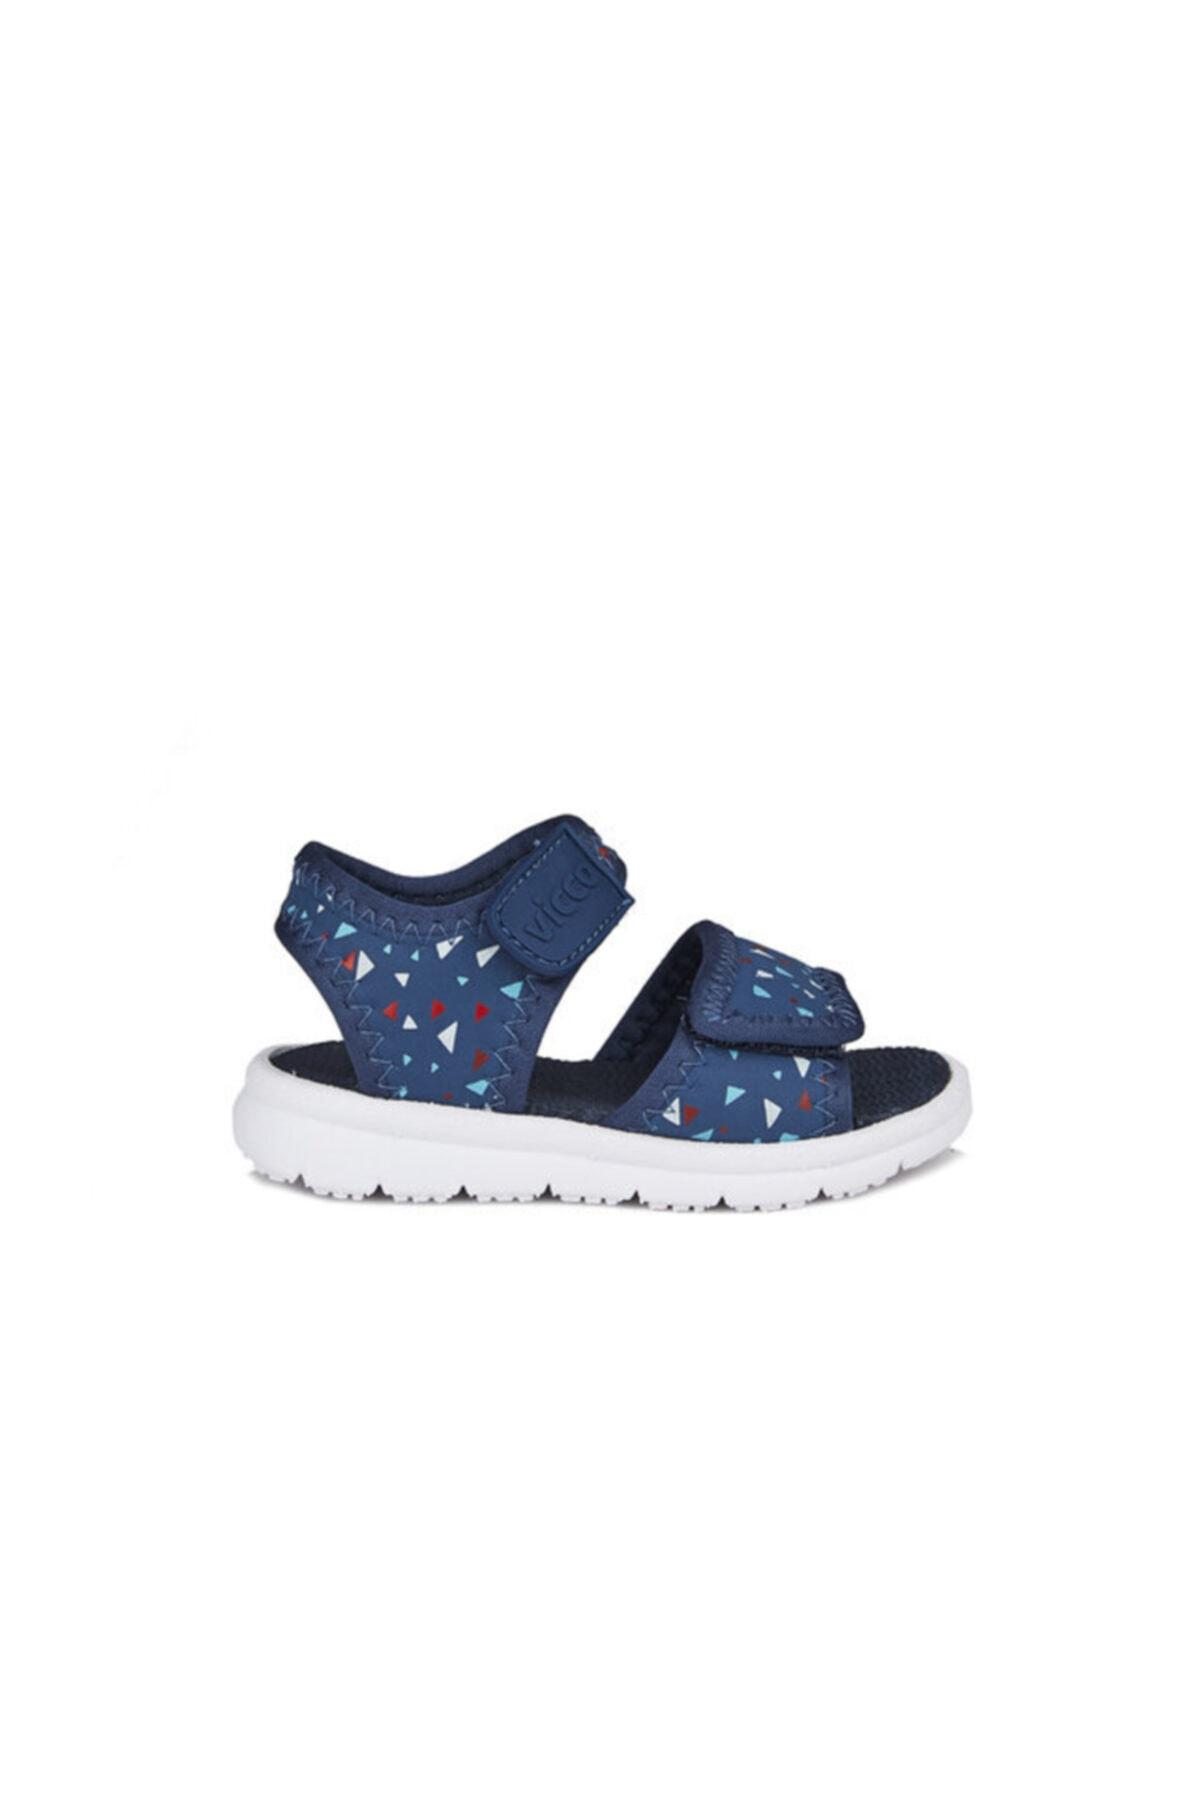 Vicco Limbo Ilk Adım Erkek Bebe Lacivert Sandalet 2